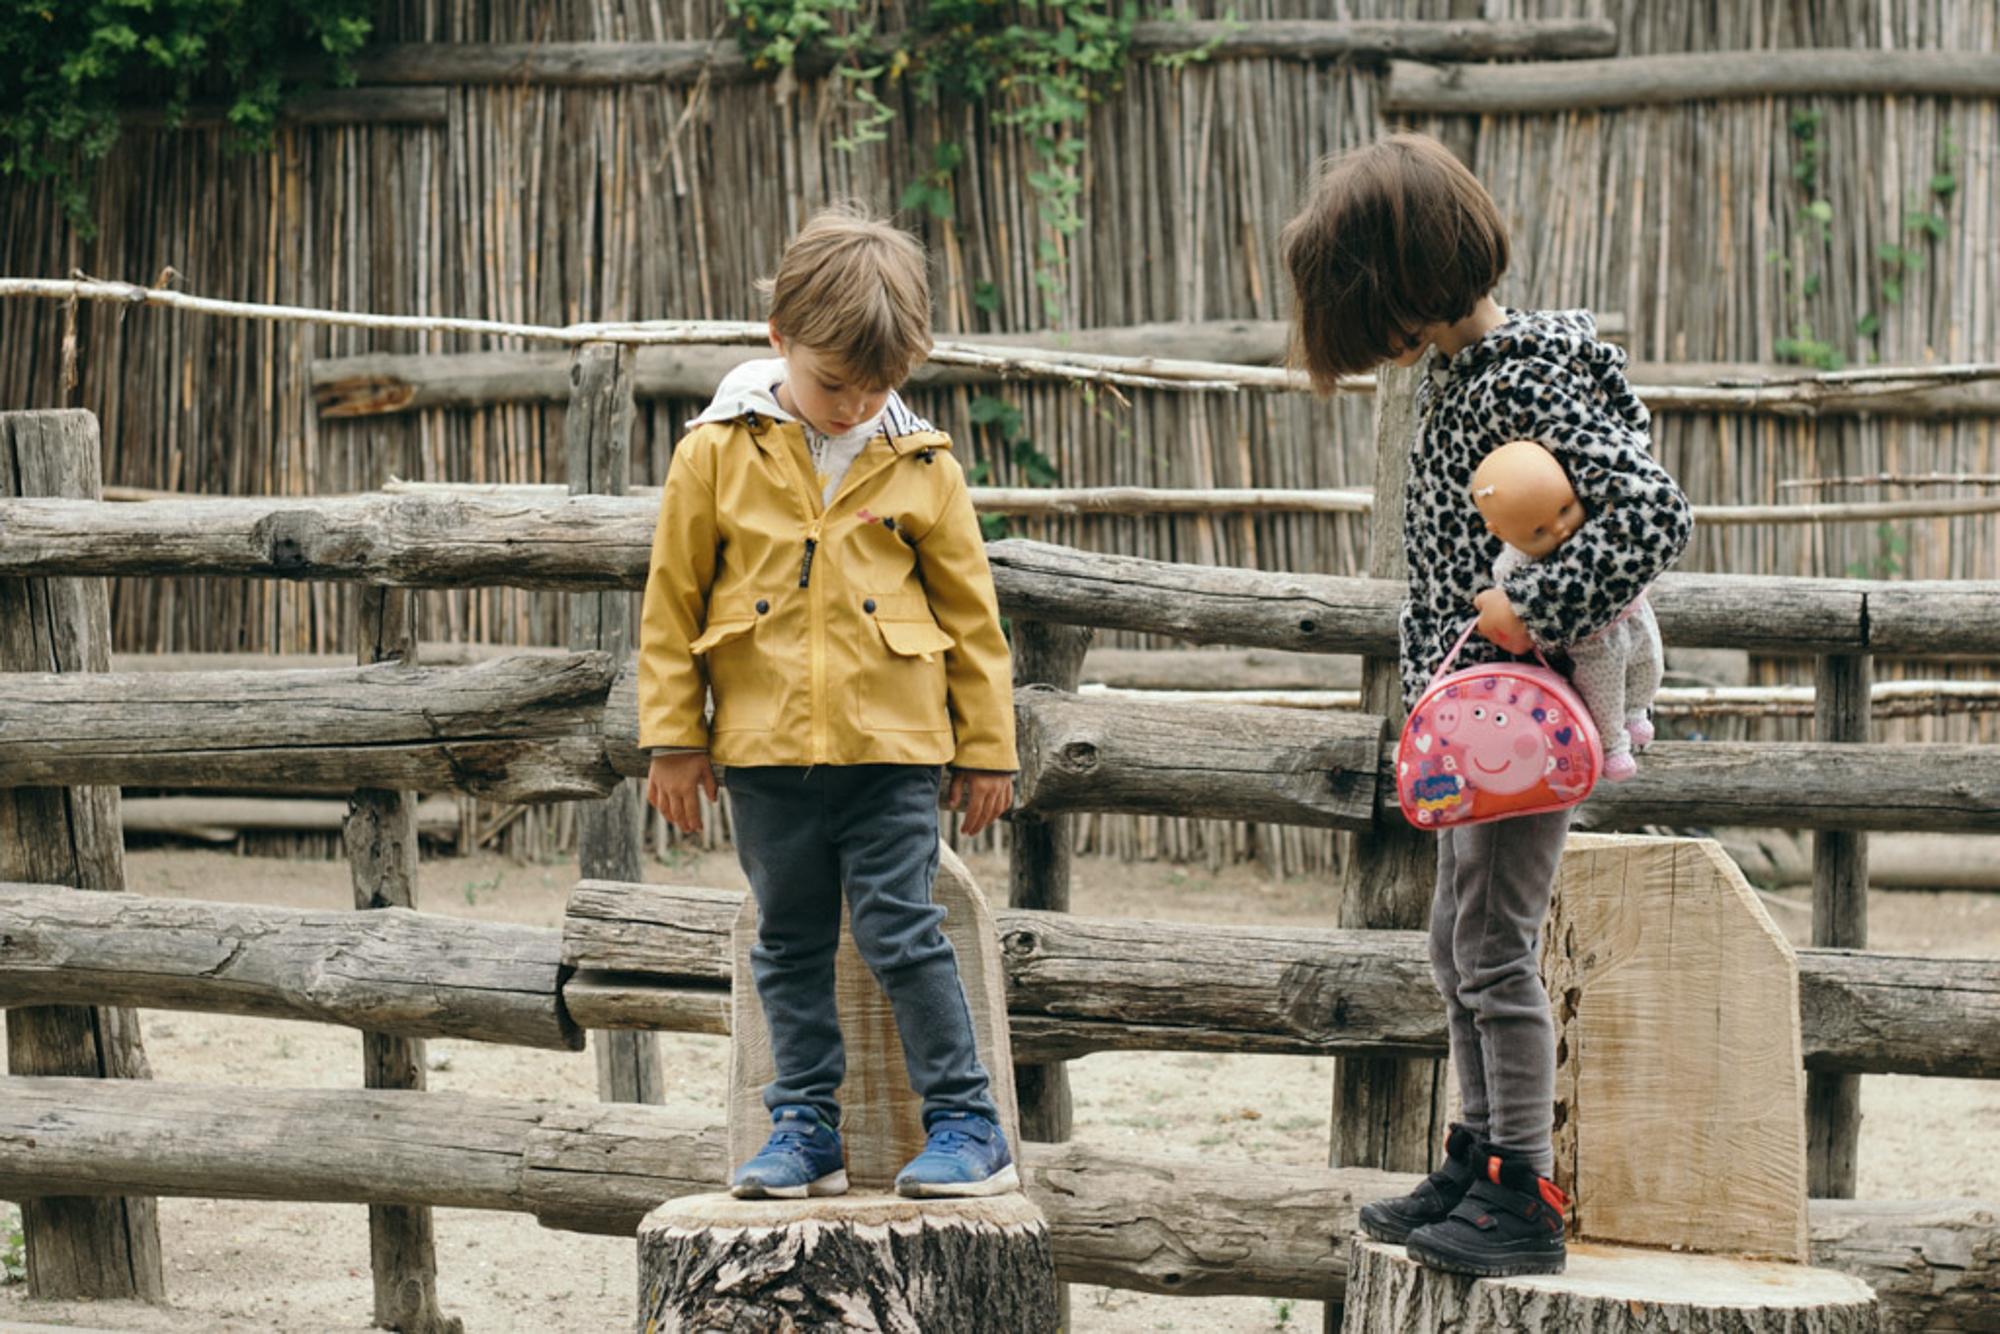 Los exteriores son una atracción en sí misma para los más pequeños.